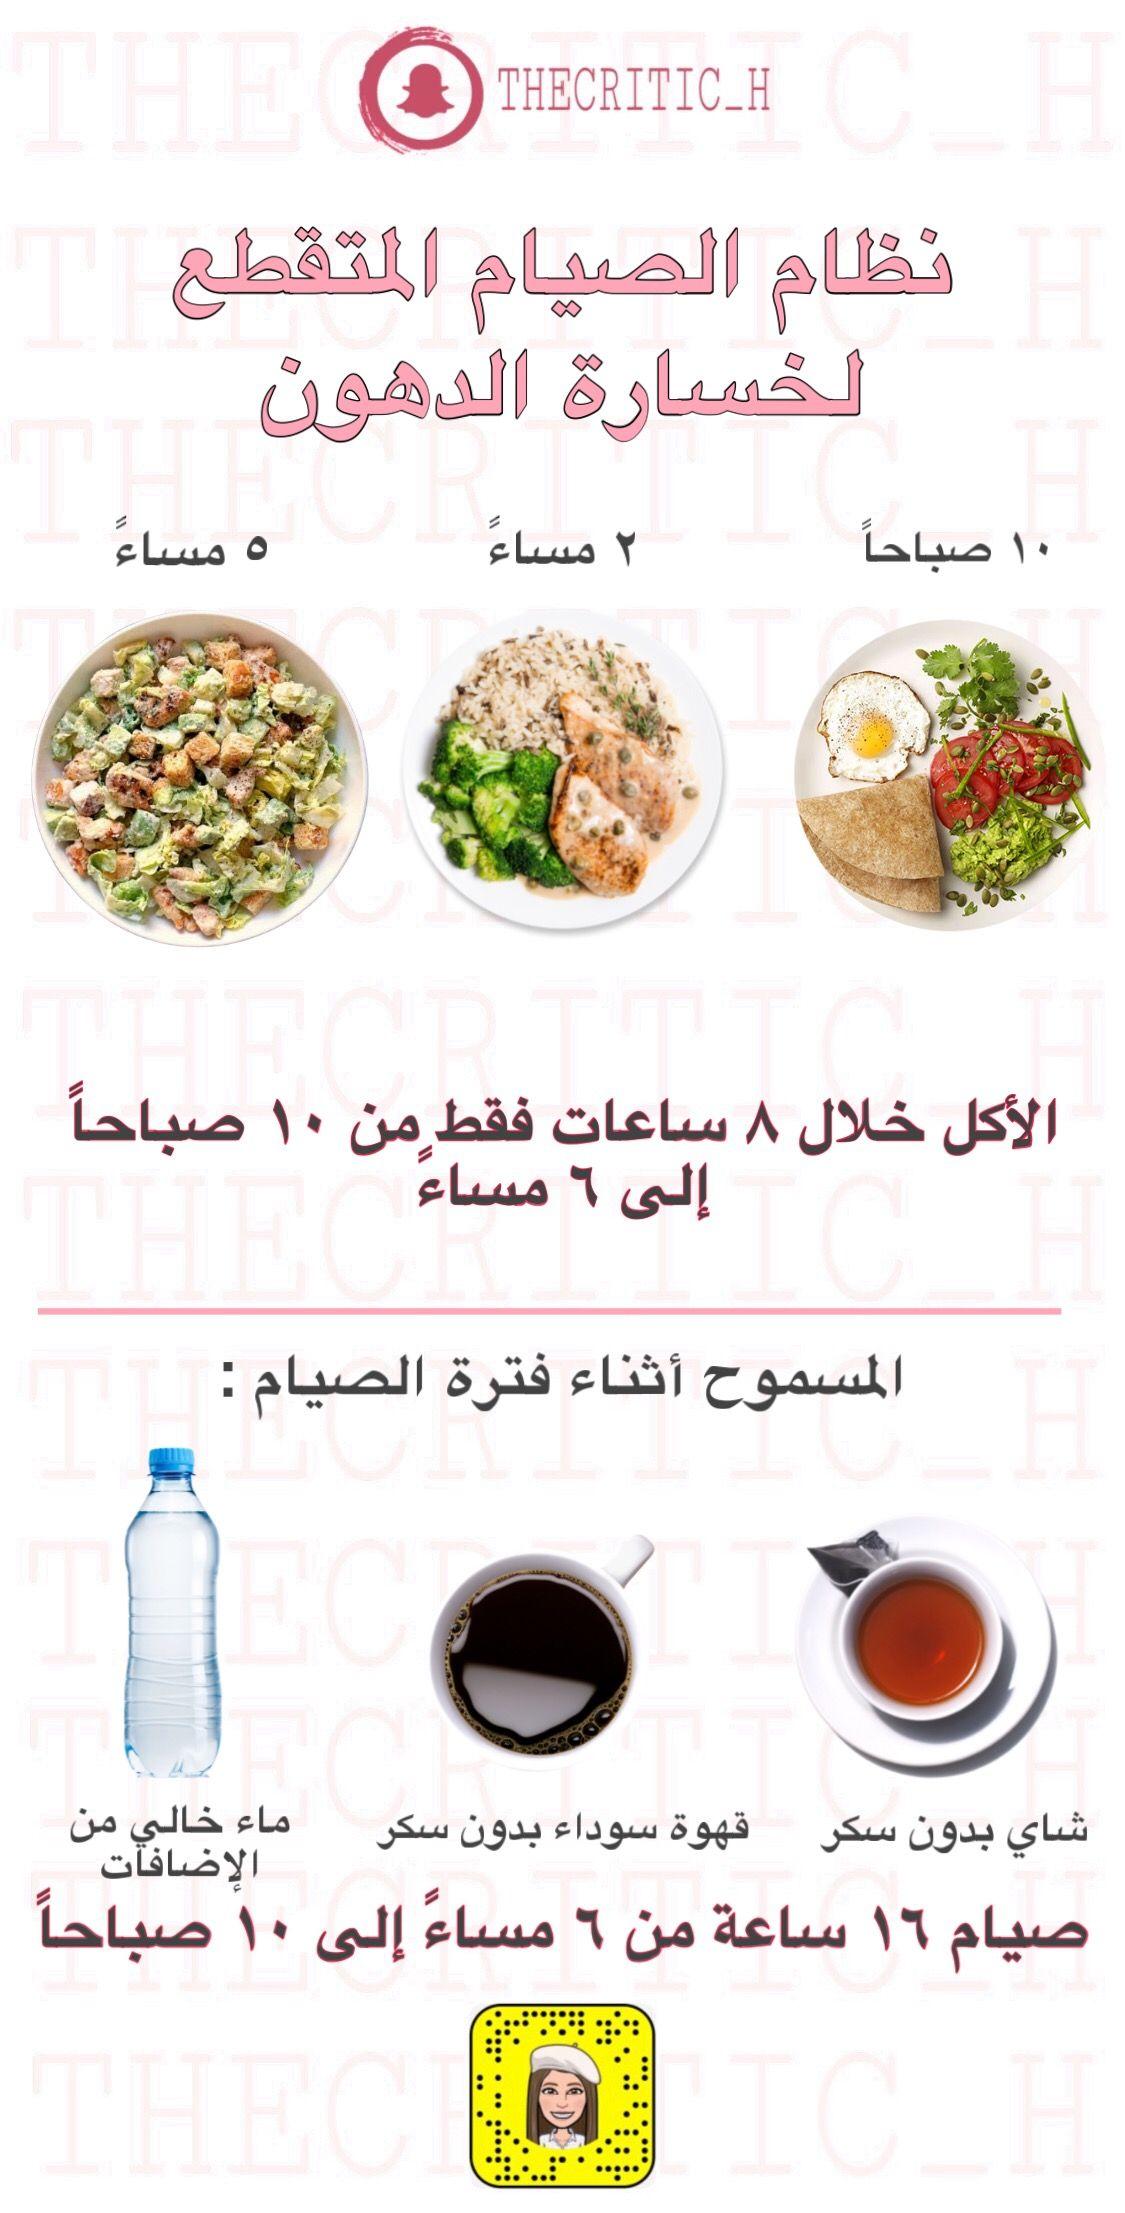 نظام الصيام المتقطع لخسارة الدهون Health Fitness Food Health Fitness Nutrition Health Facts Food